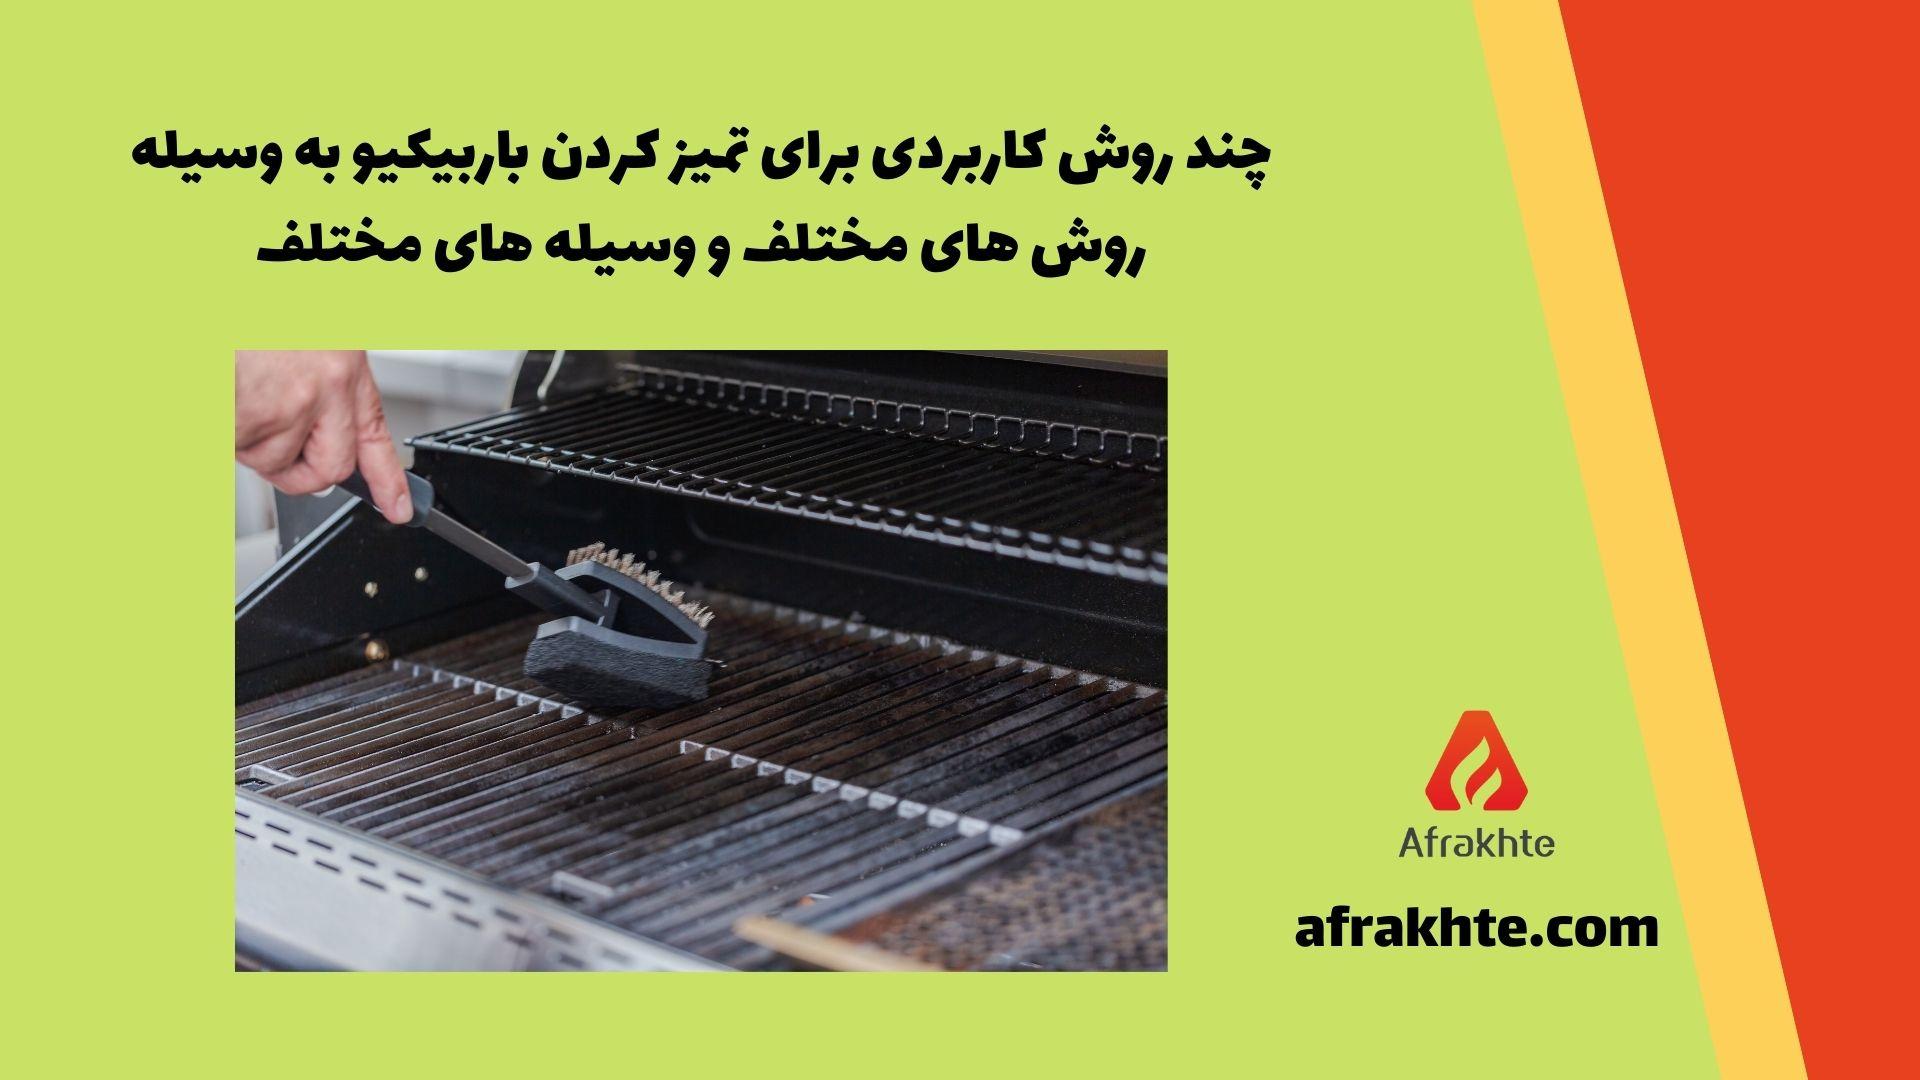 چند روش کاربردی برای تمیز کردن باربیکیو به وسیله روش های مختلف و وسیله های مختلف